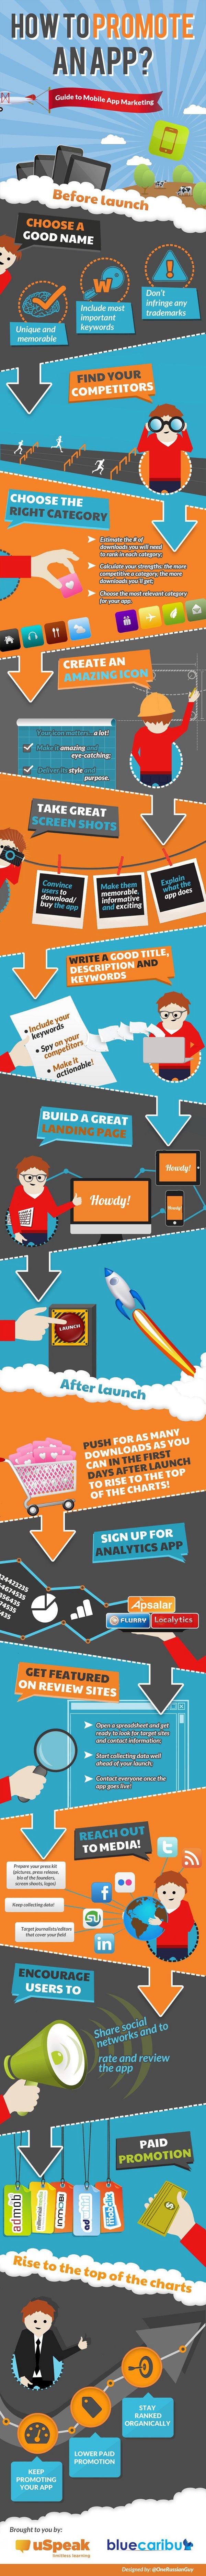 como promocionar aplicaciones móviles en internet